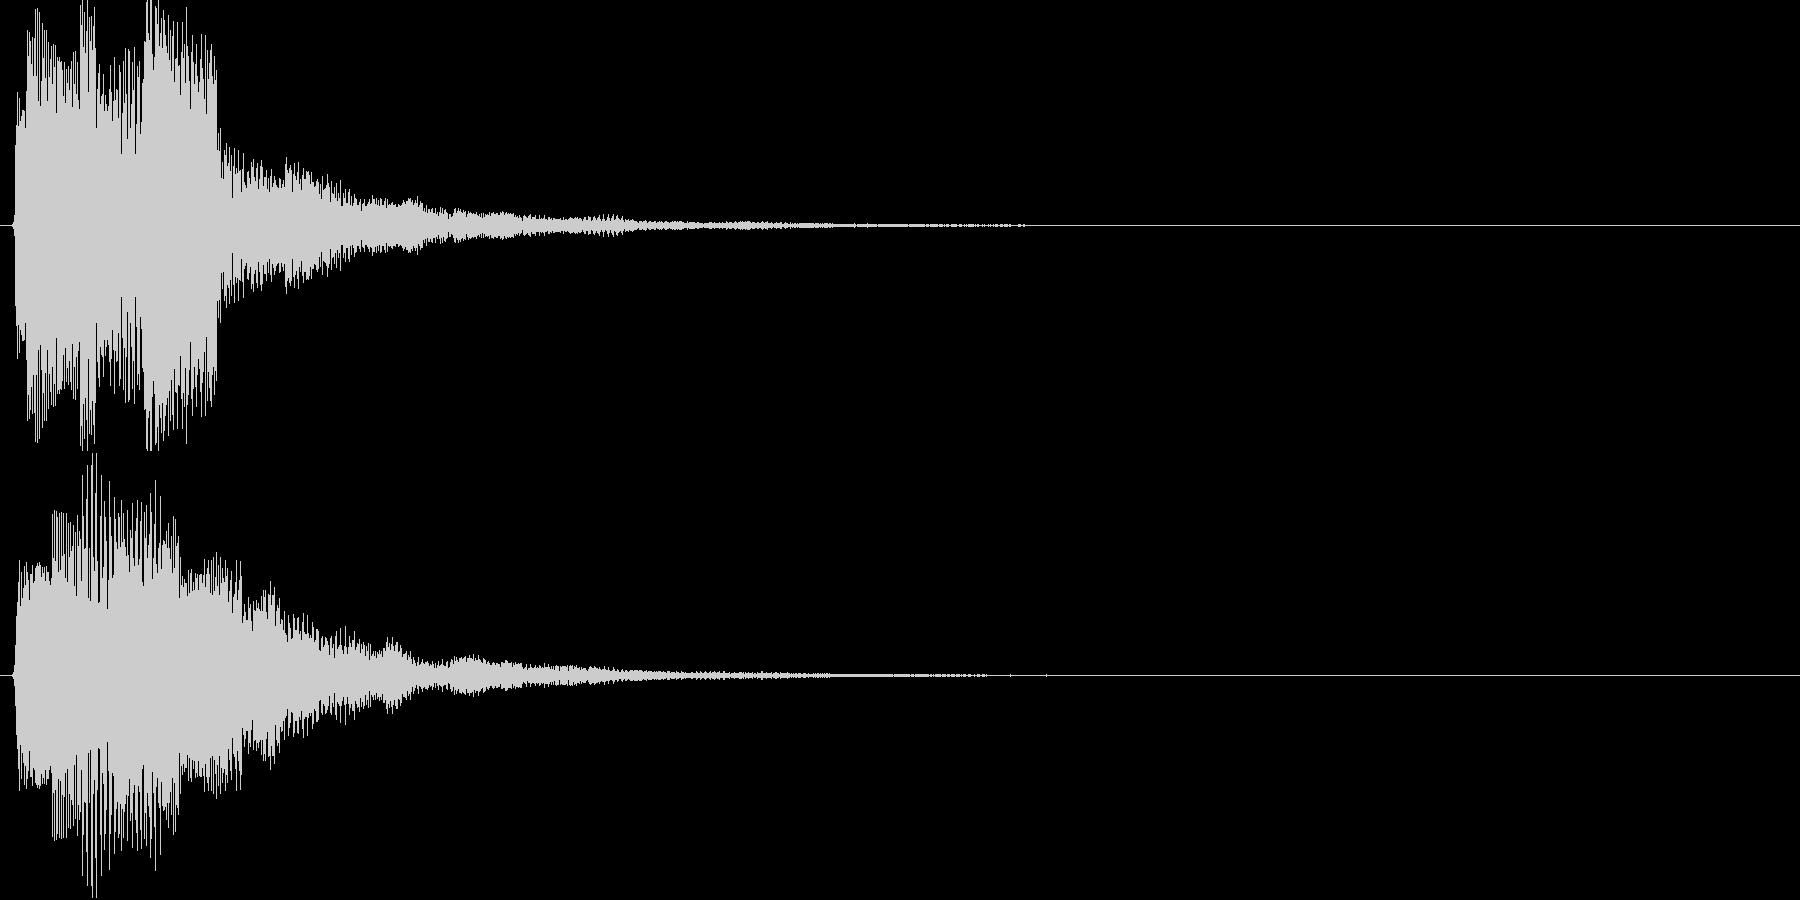 チャリラン(お知らせアラート音シンプル)の未再生の波形